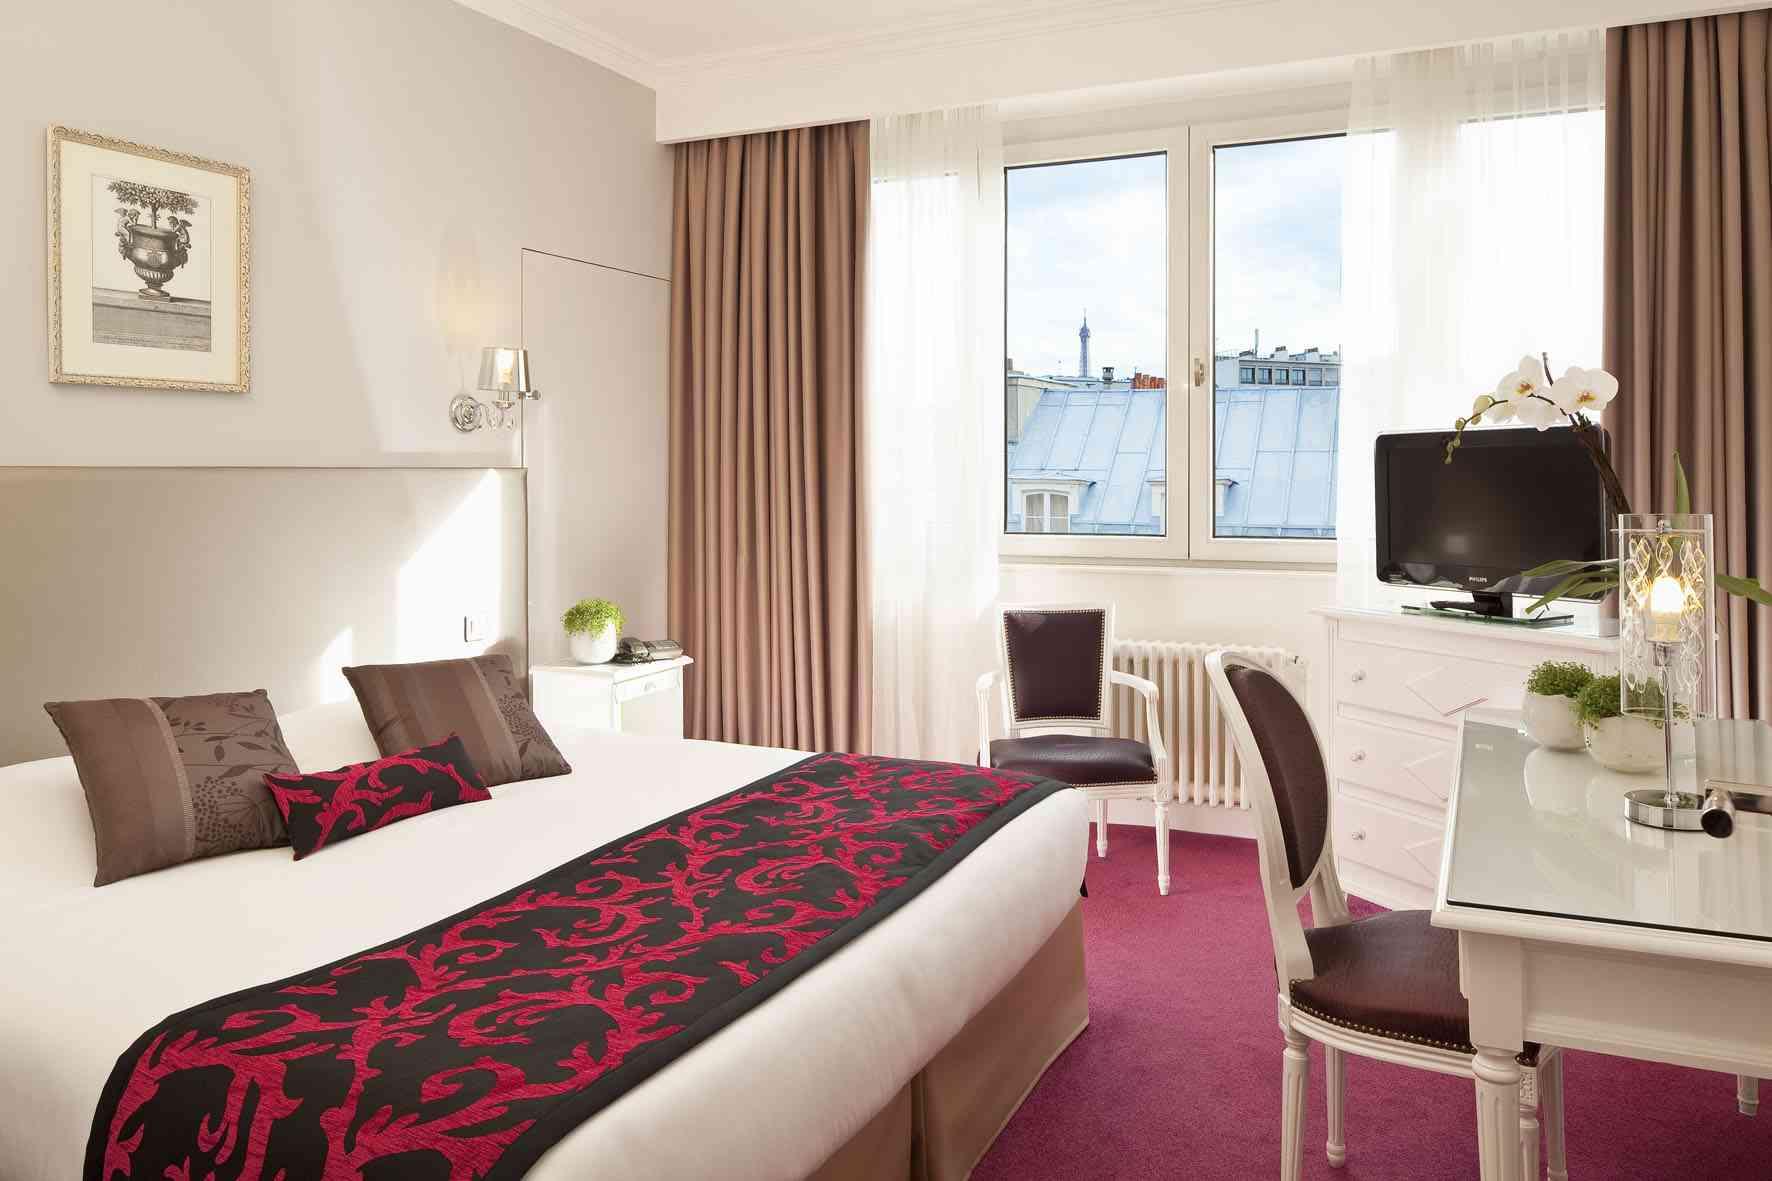 Rénovation chambre Hotel étoile Saint honoré